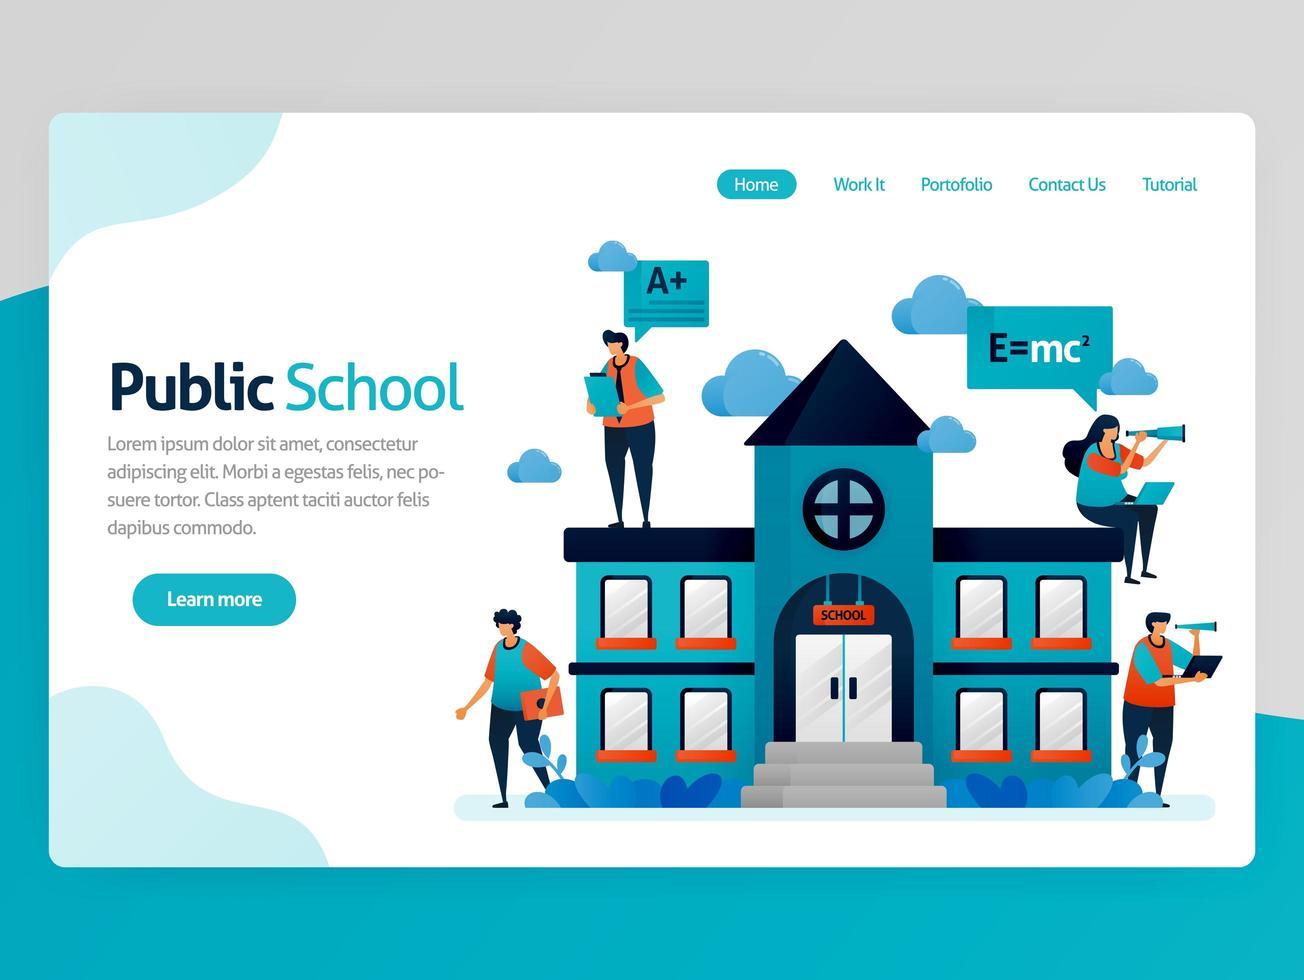 vectorillustratie voor de bestemmingspagina van het onderwijs. openbare schoolgebouwen en werkplek, online onderwijsbeurs, modern leren, e-learning trainingsplatform. homepage header webpagina-sjabloon vector